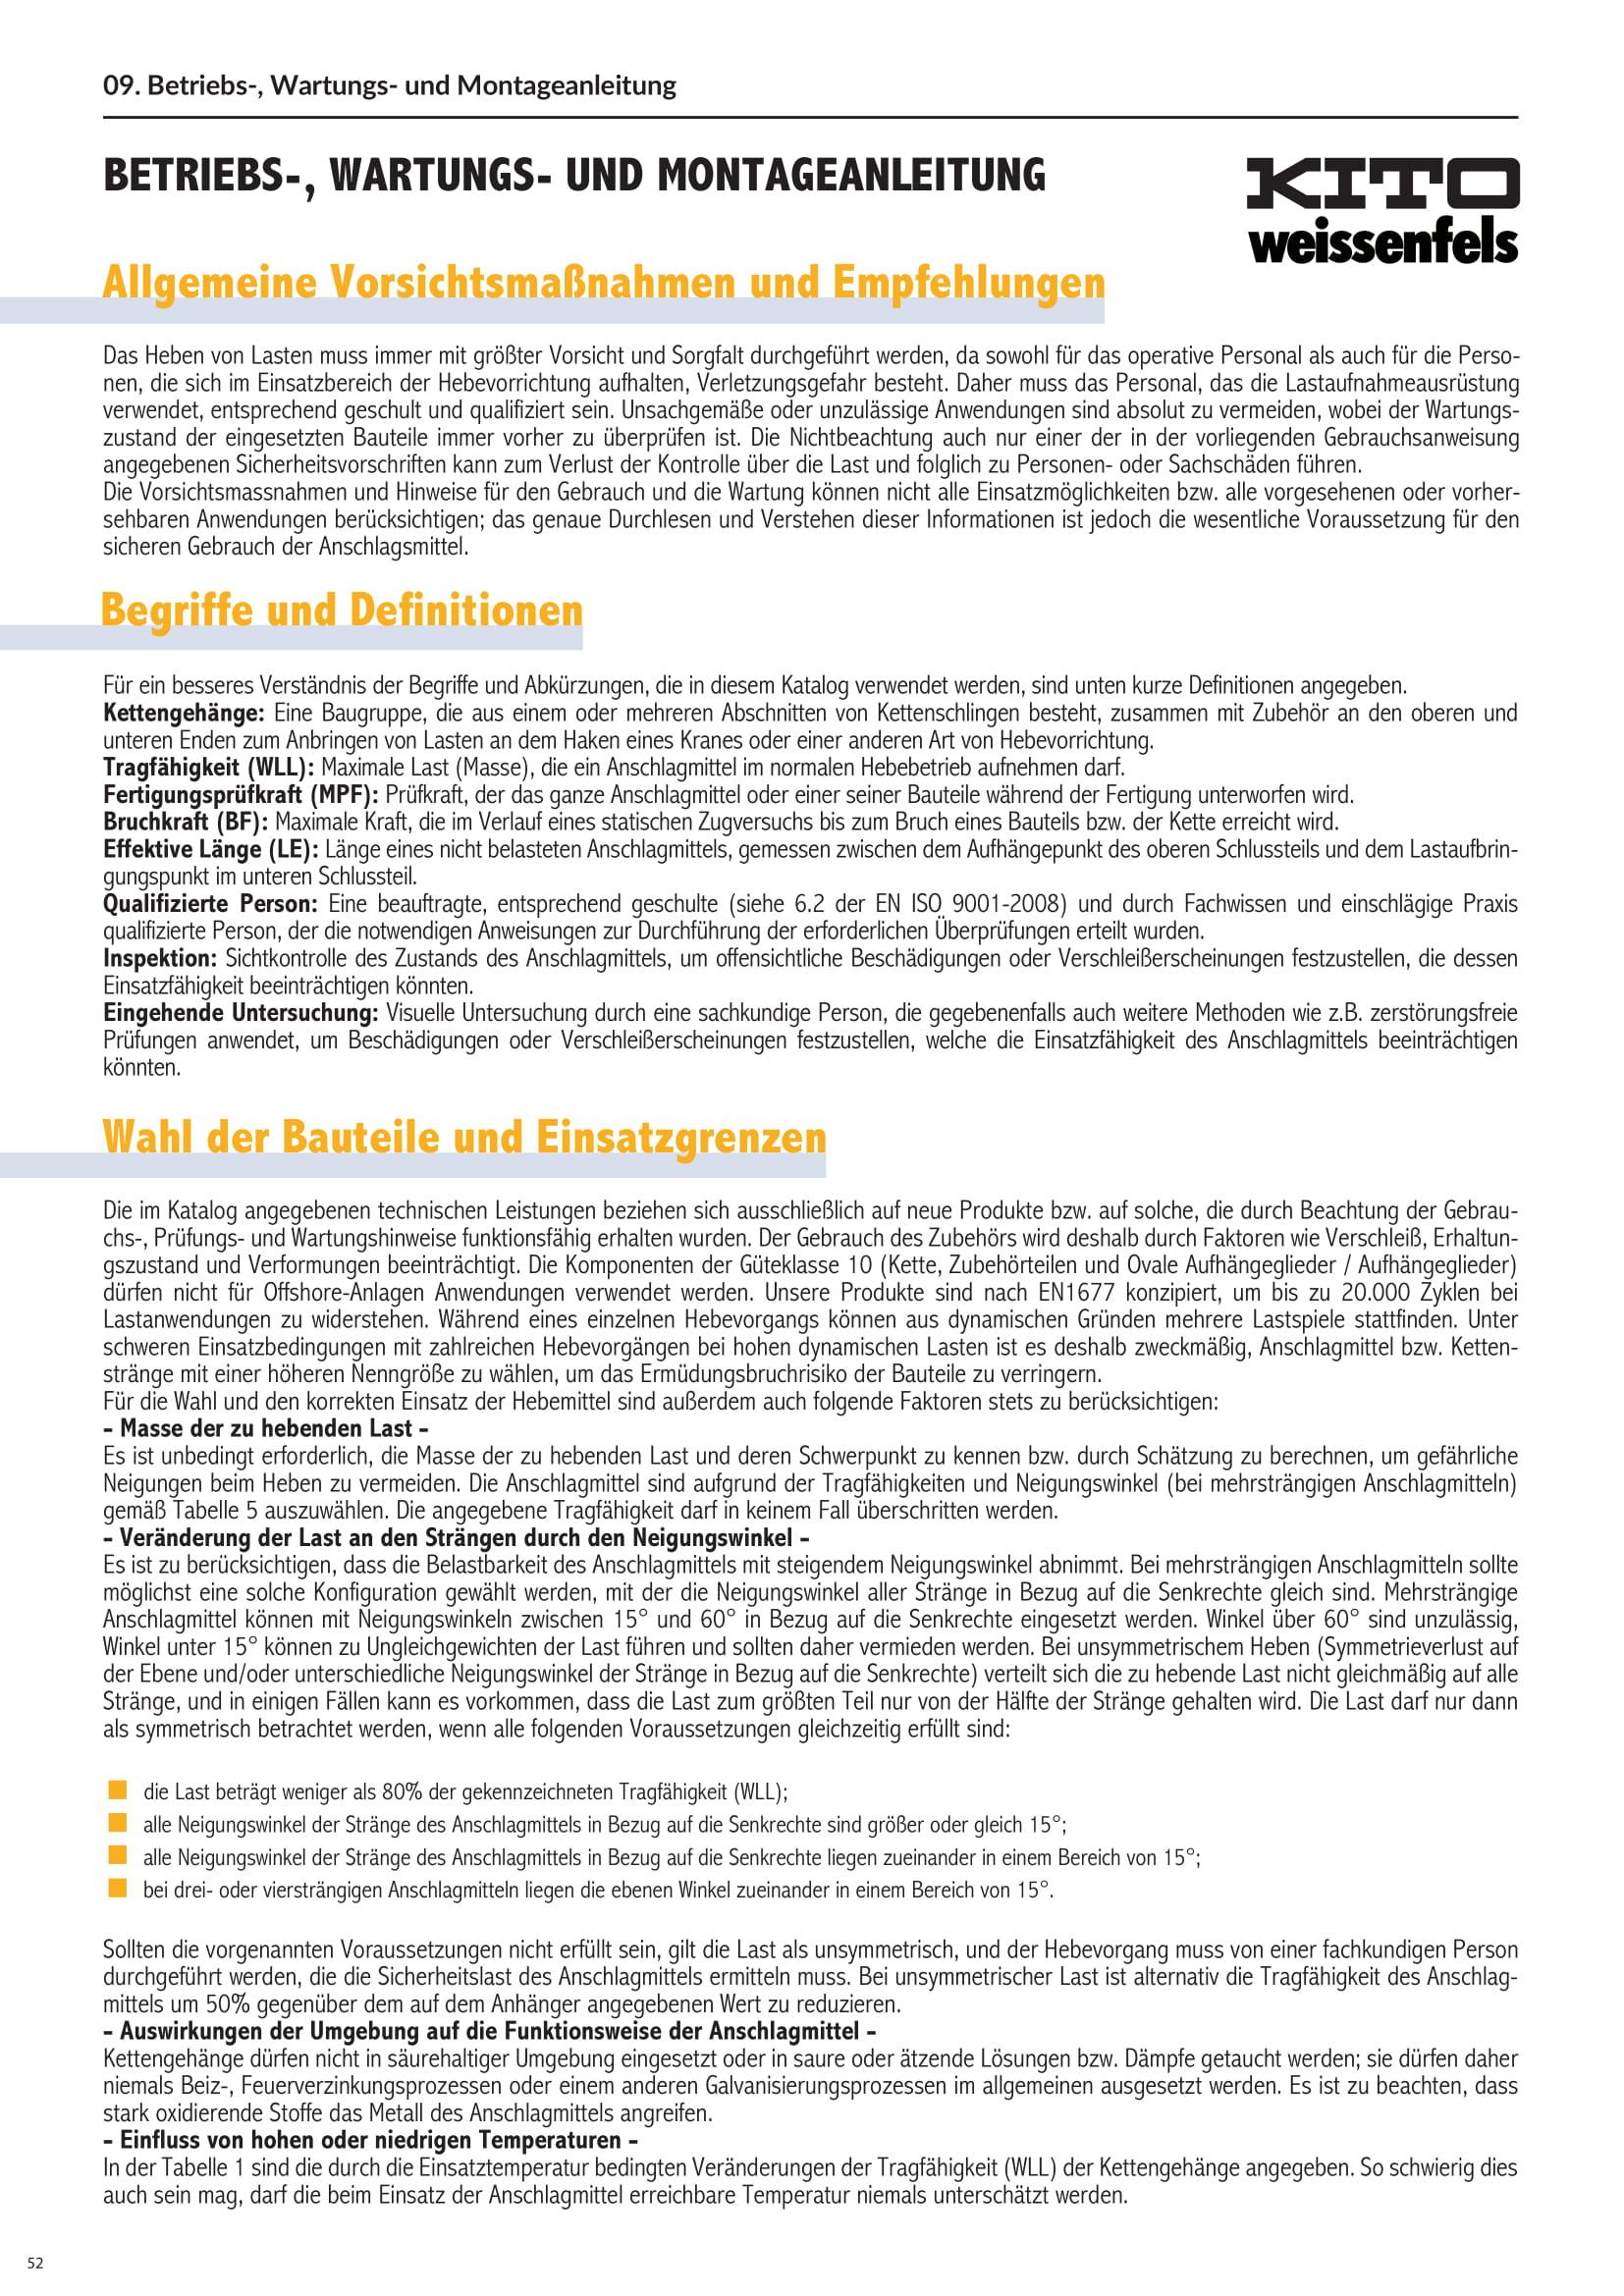 Kito-Weissenfels-manual-ed6-de-2